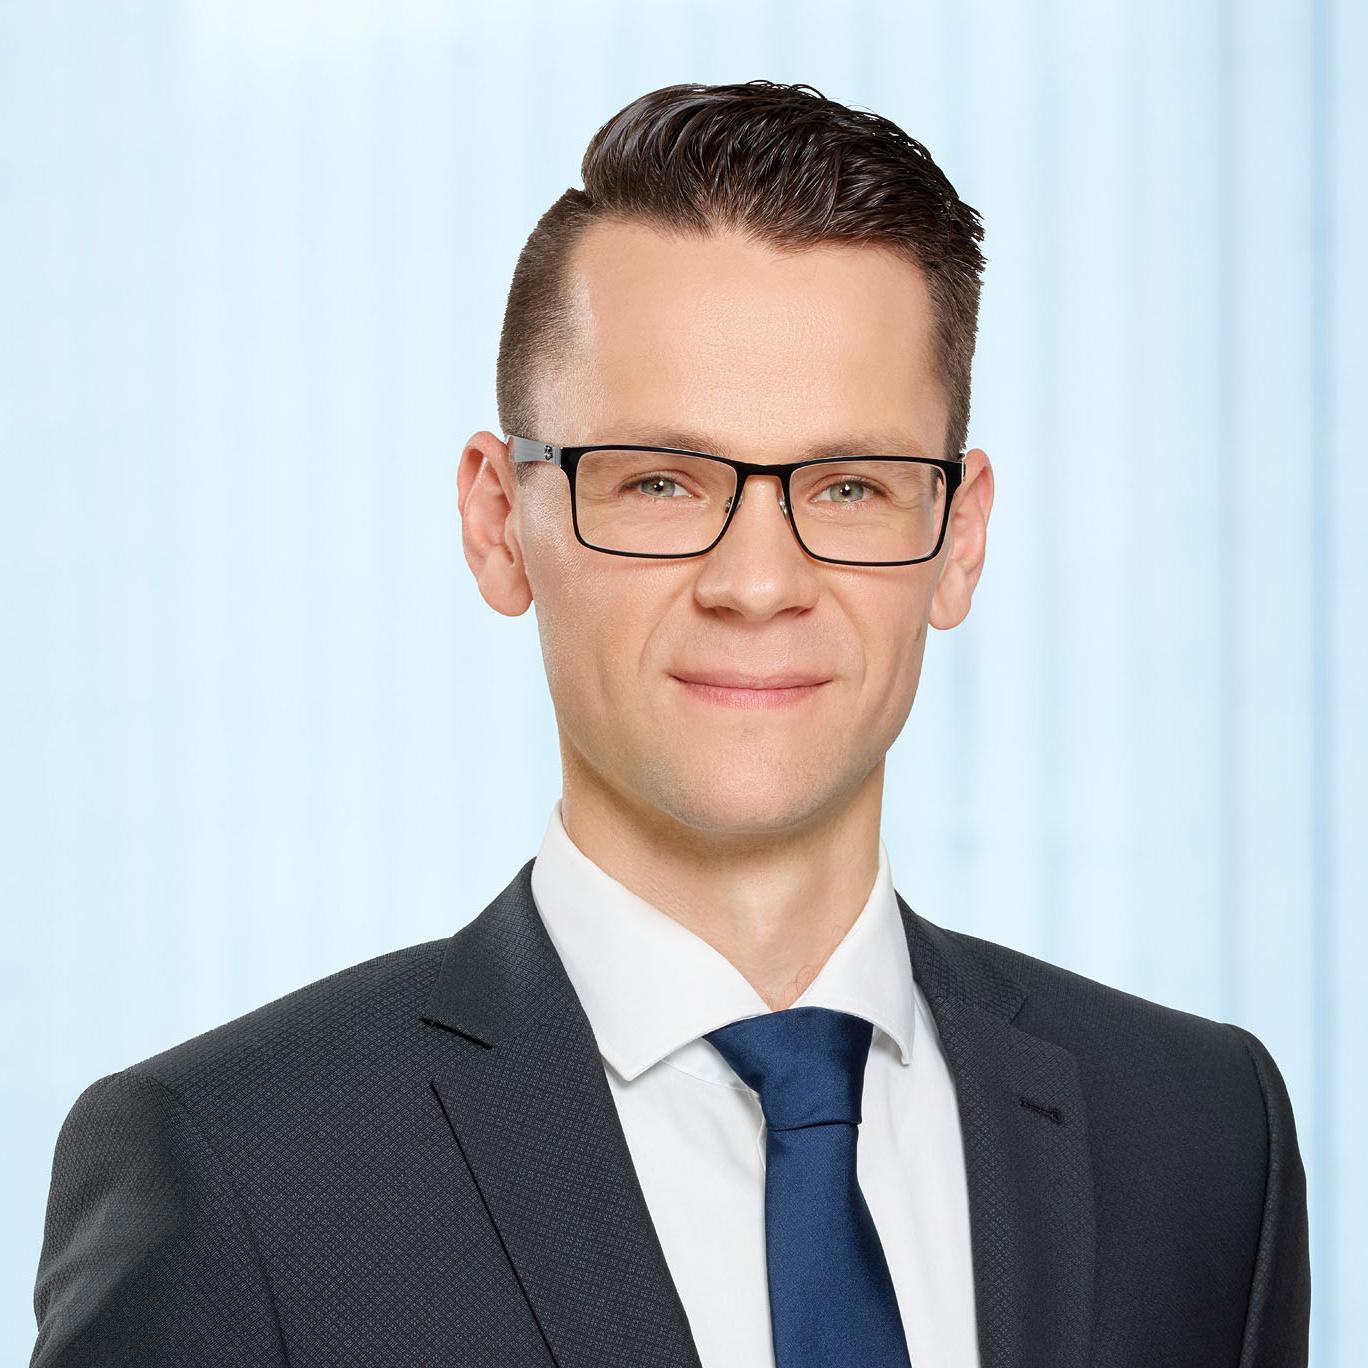 Willi Lehmann